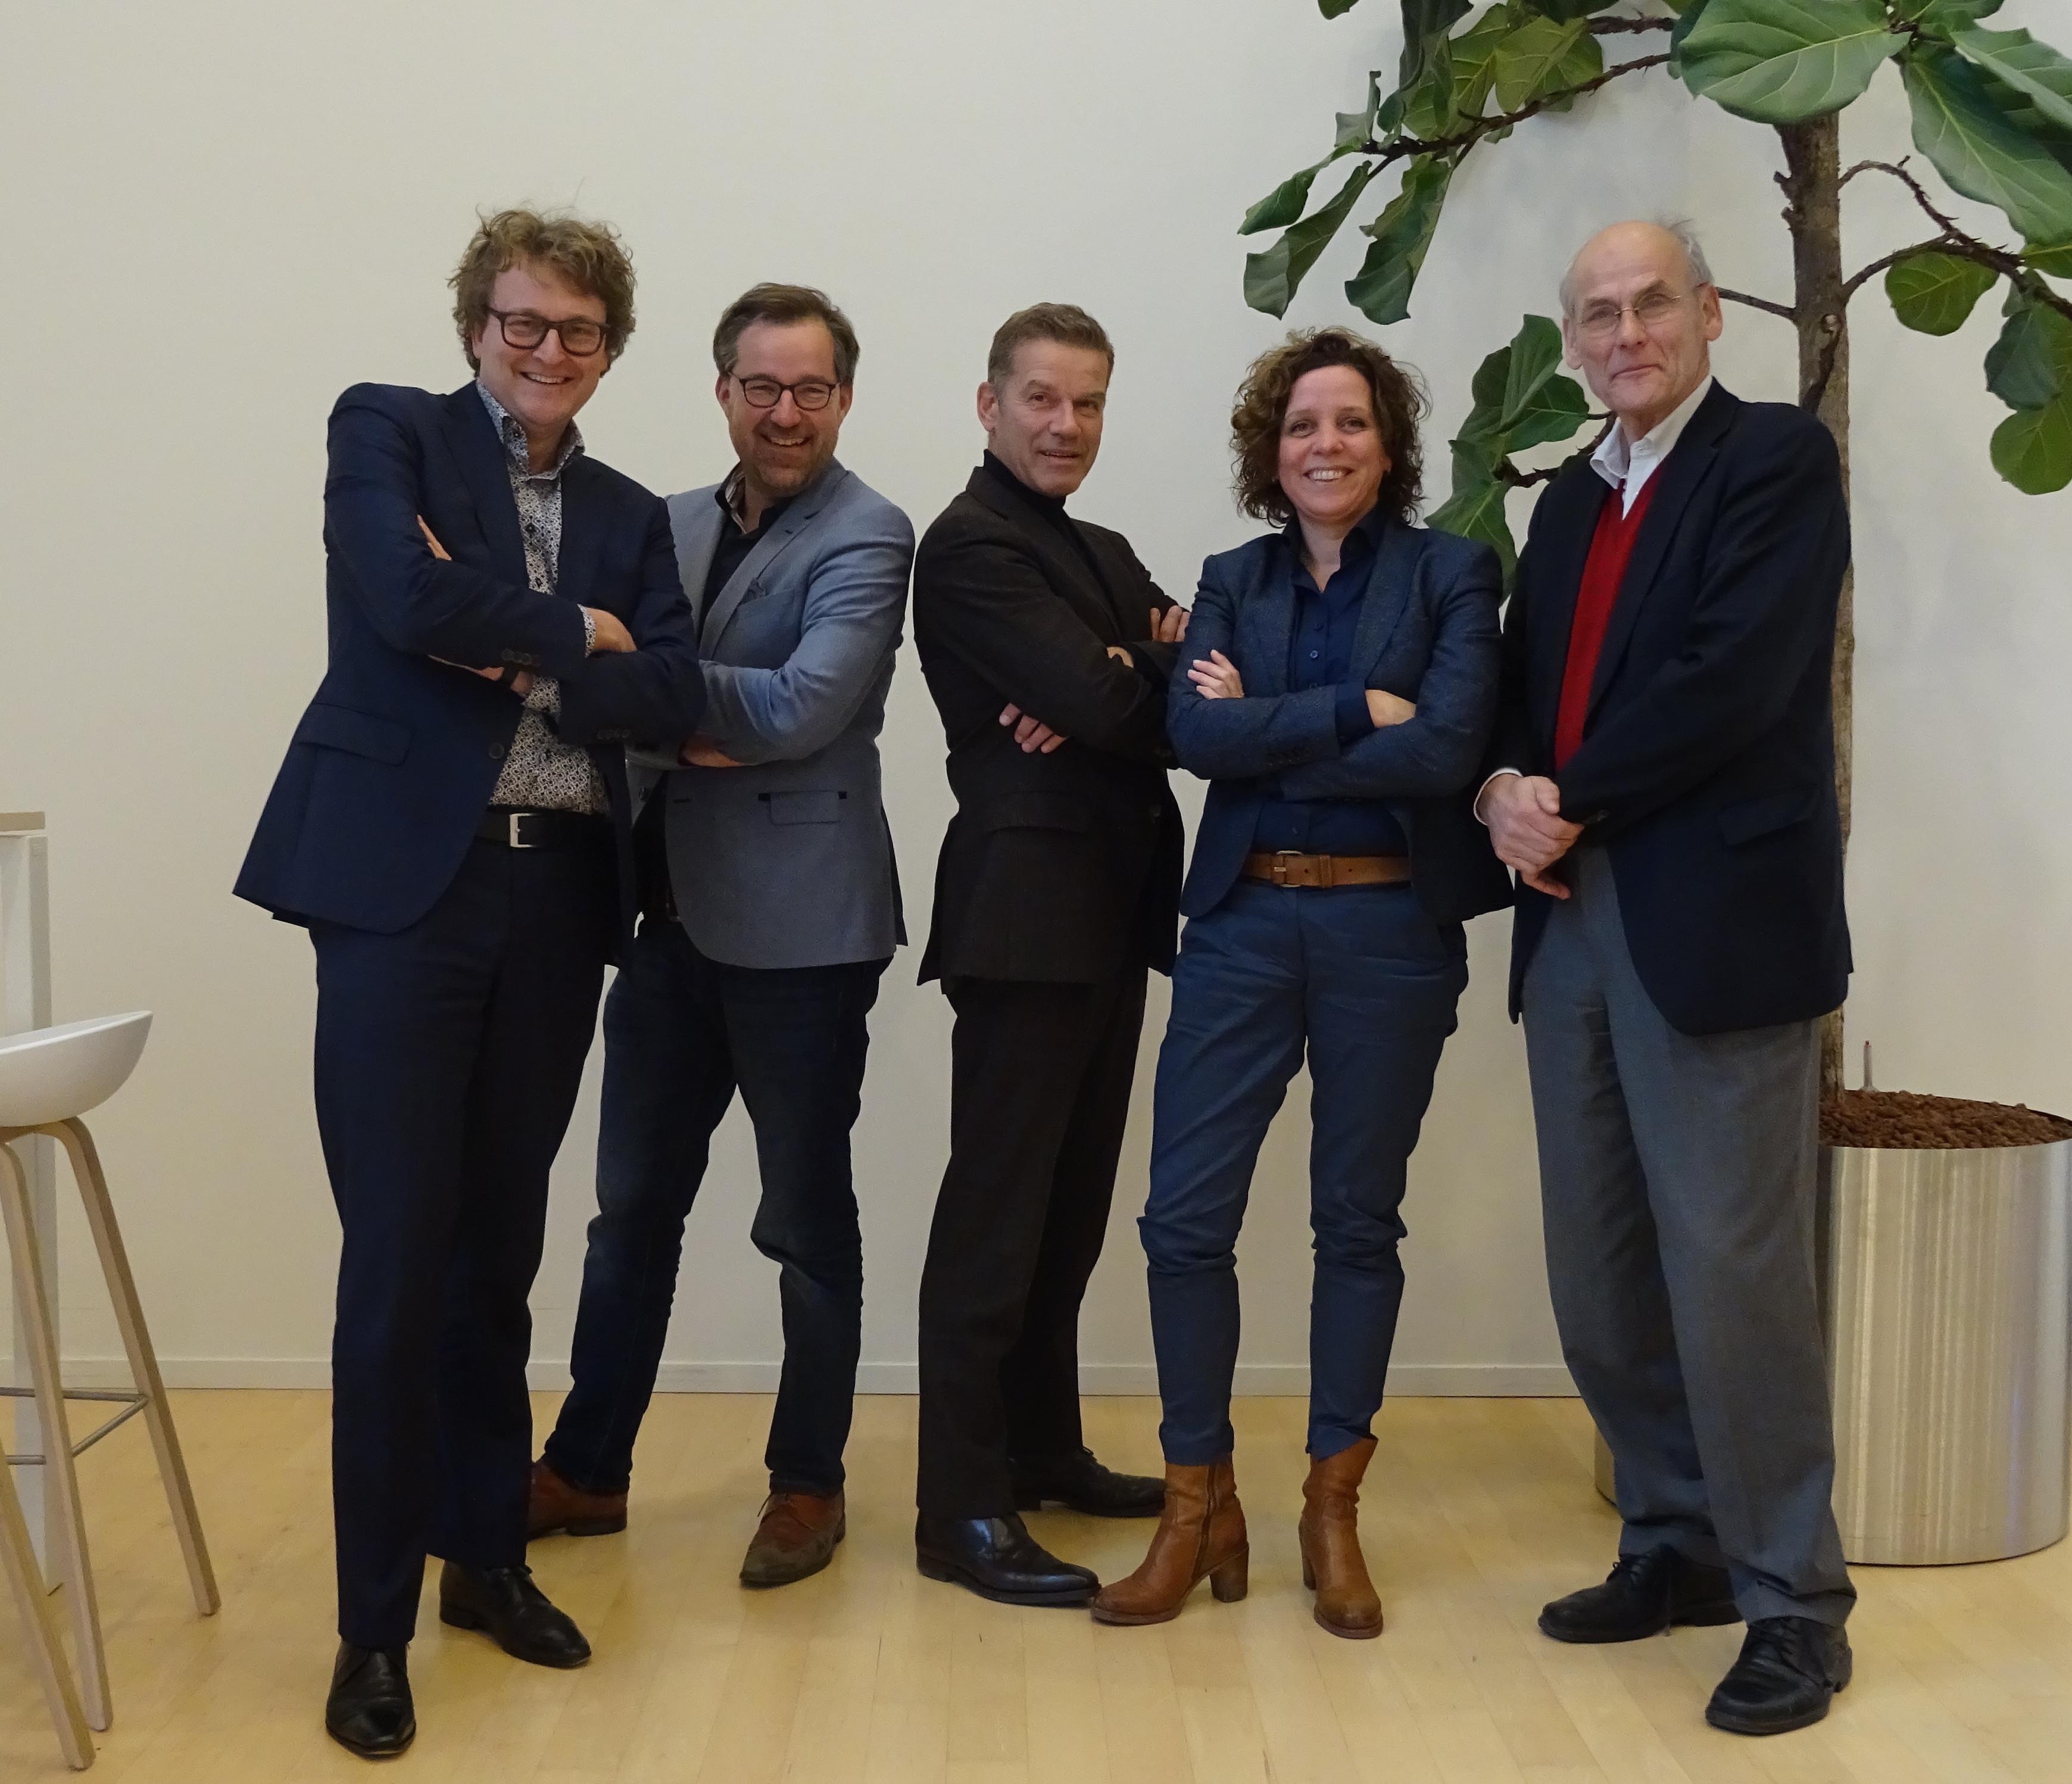 v.l.n.r.: Patrick Timmermans, Karel Loeff, Cees van 't Veen, Janneke Bierman, James van Lidth de Jeude. Niet op de foto: Arnoud Odding